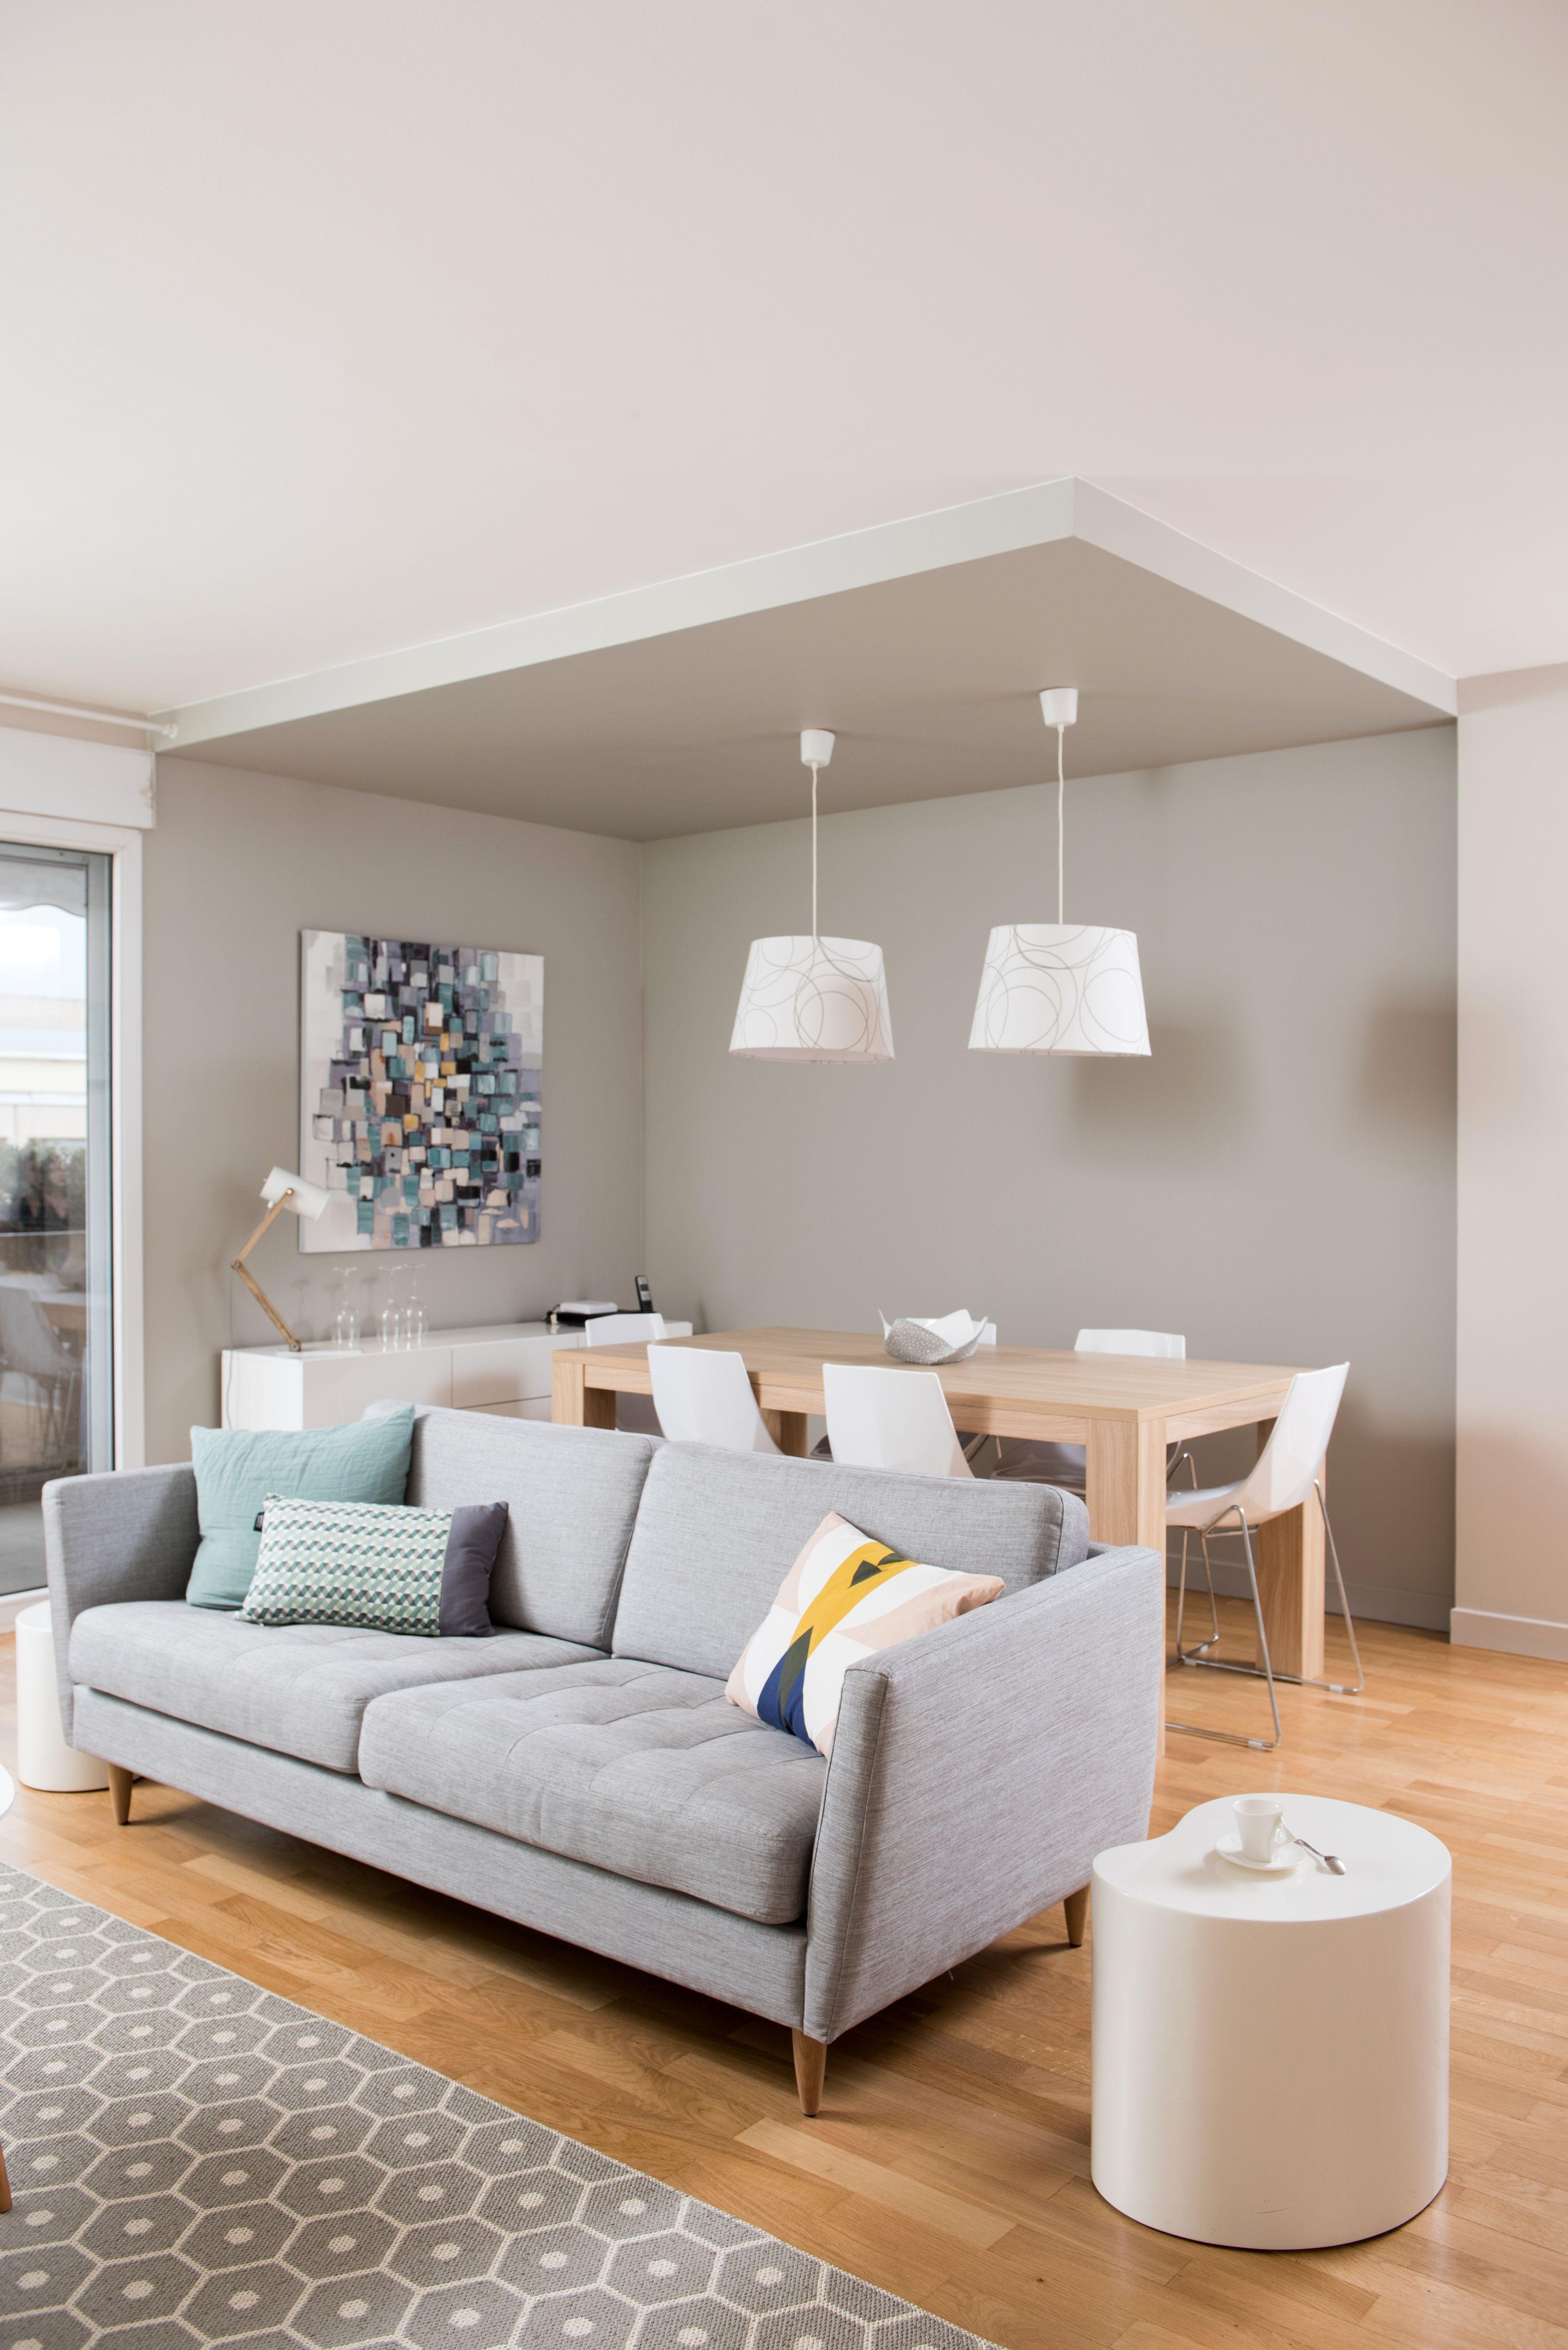 couleurs pastel et meubles en bois clair cette pi ce vivre d 39 un appartement lyonnais a t. Black Bedroom Furniture Sets. Home Design Ideas